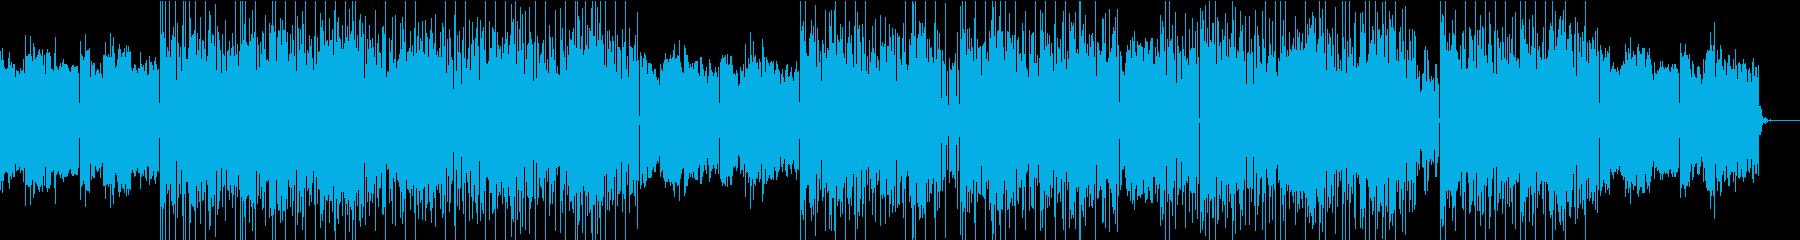 Prefuse 73風 - ジャズヒップの再生済みの波形